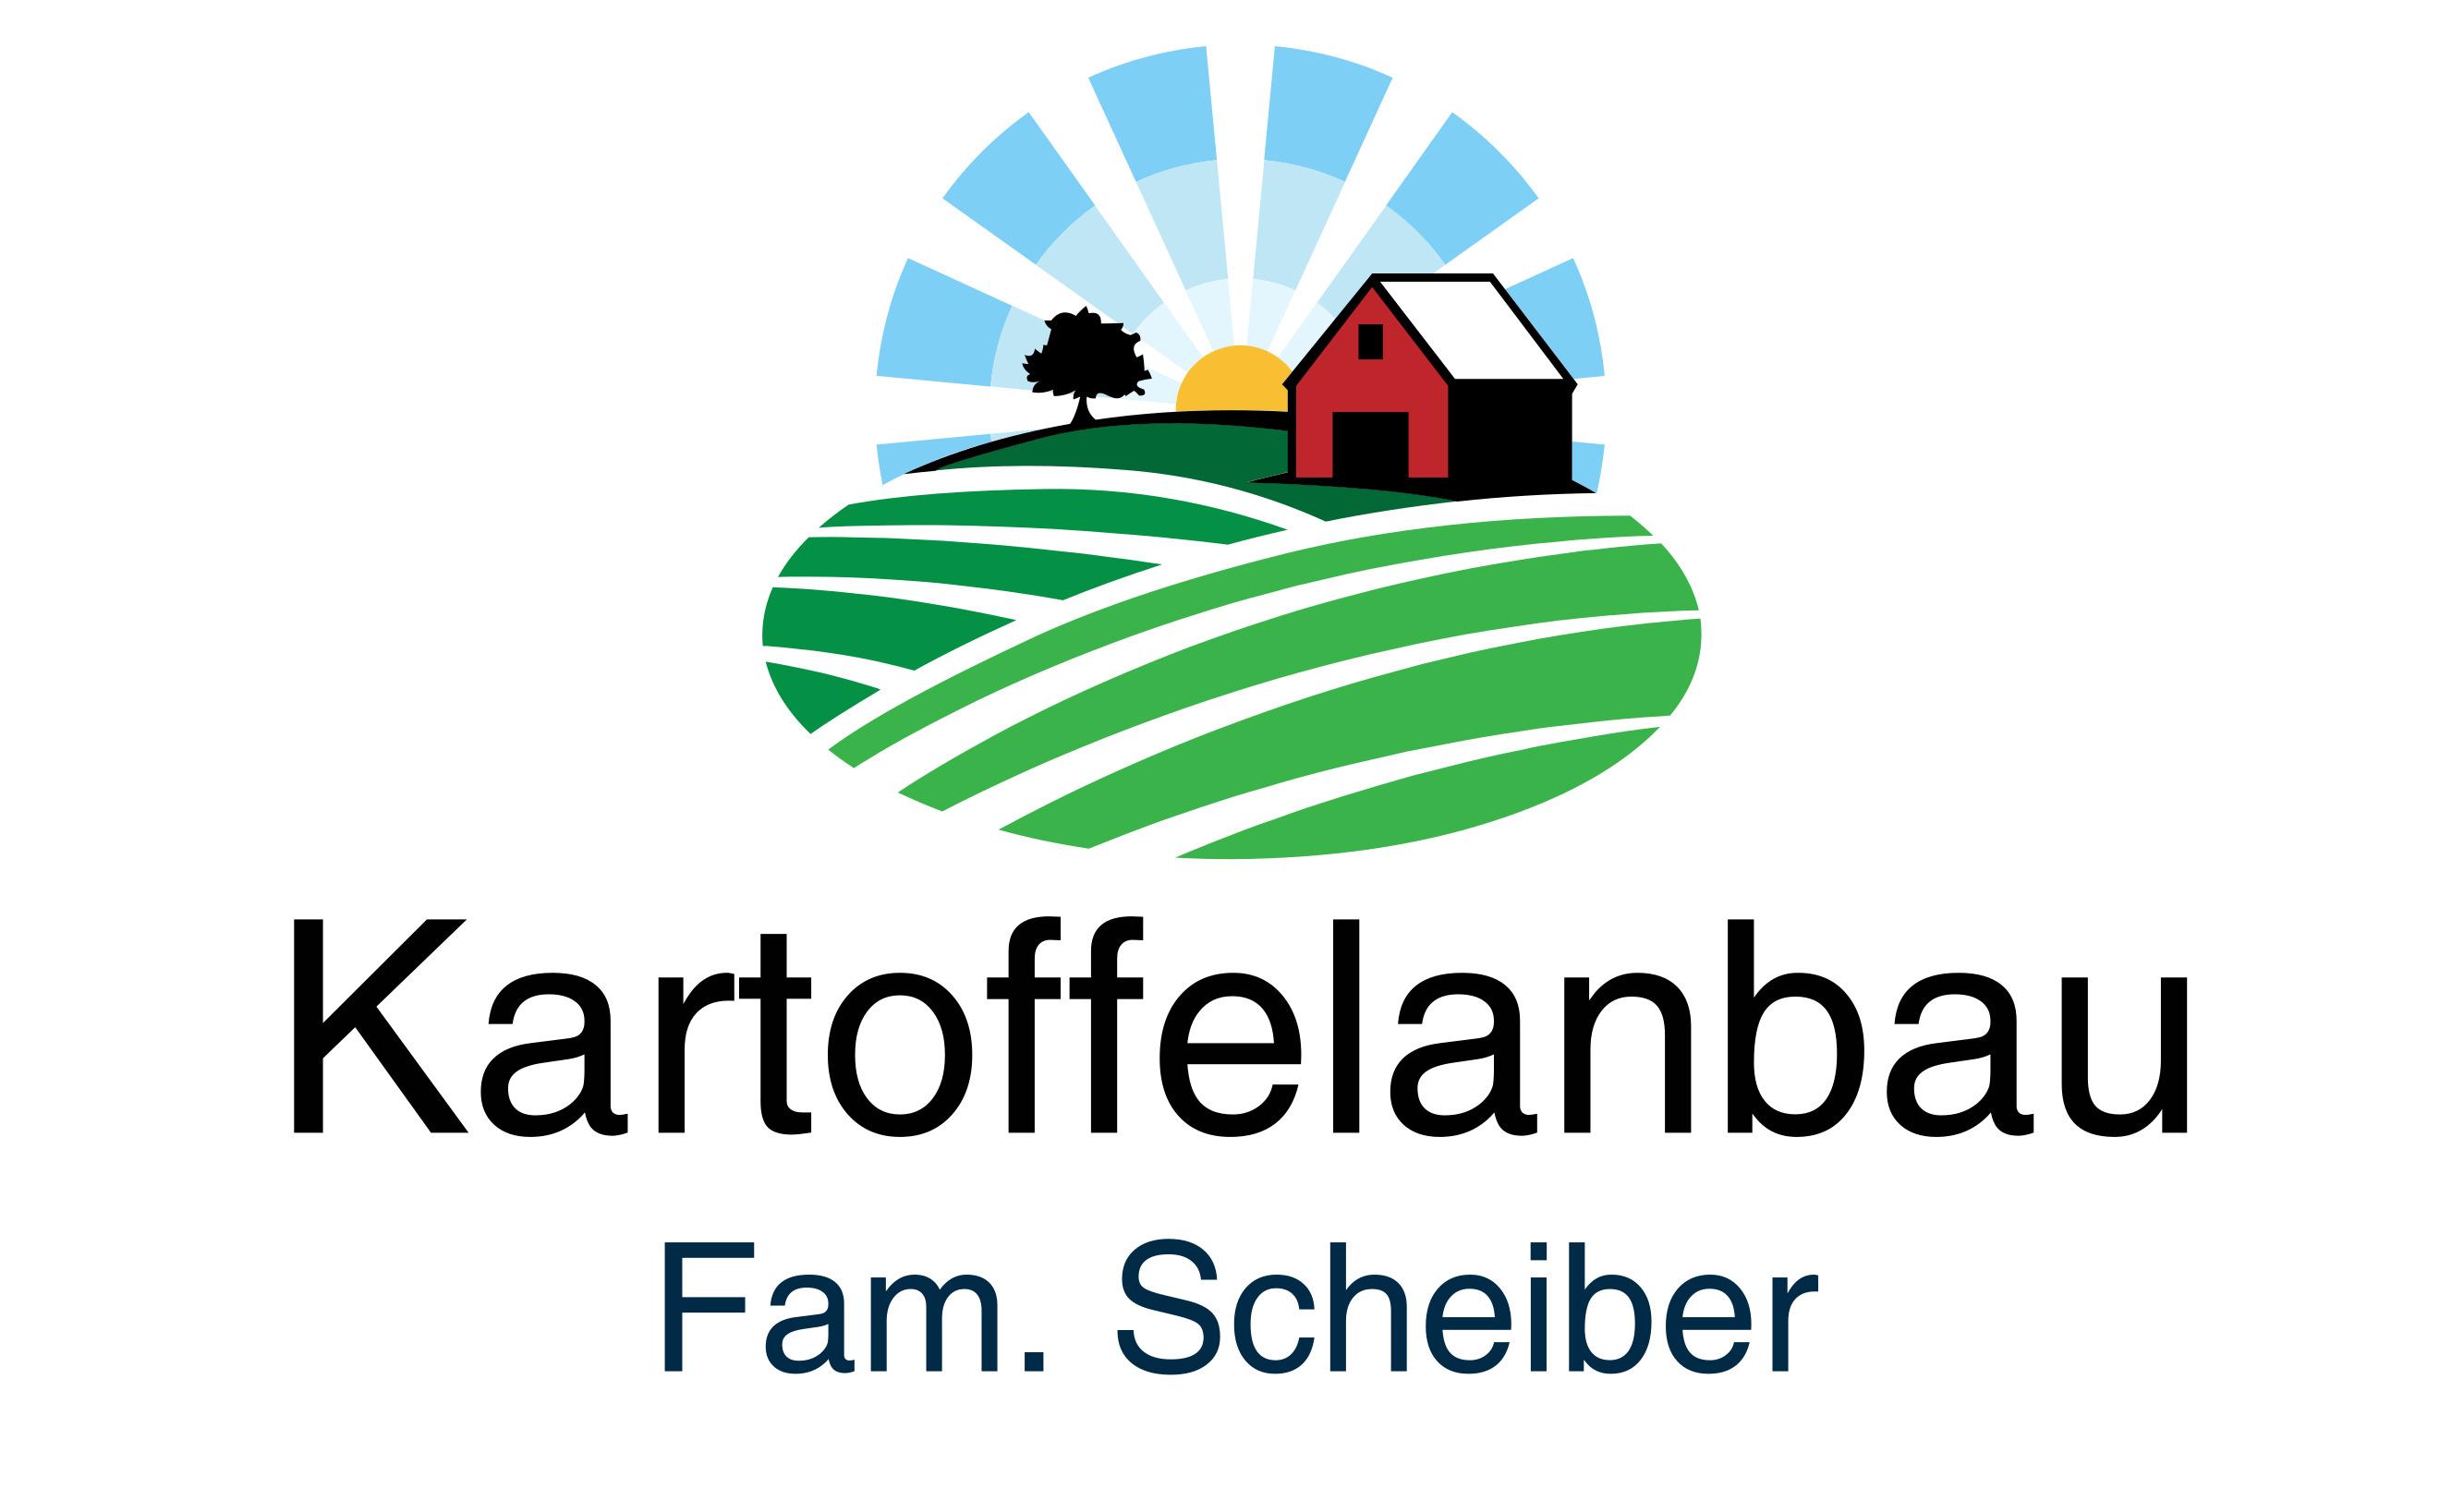 Kartoffelanbau Familie Scheiber